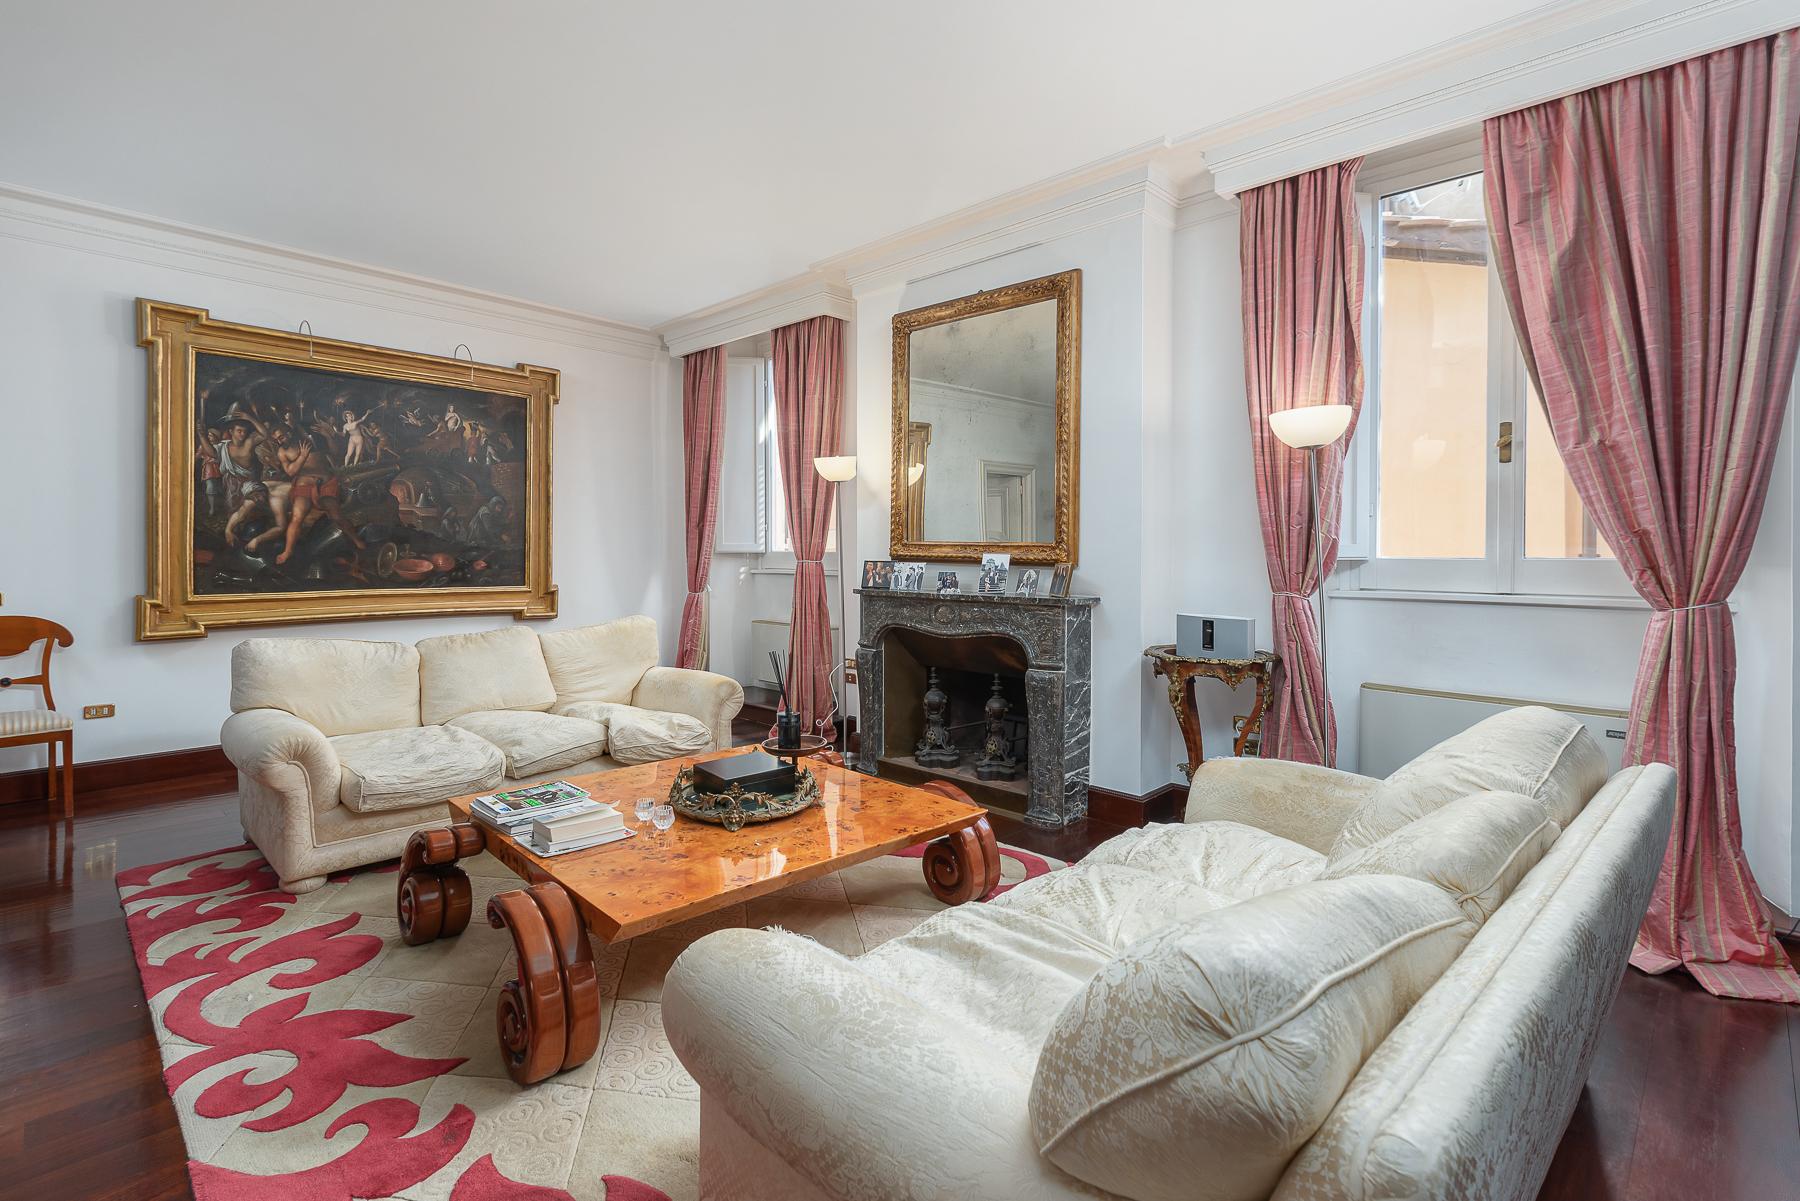 Appartamento in Vendita a Roma: 4 locali, 127 mq - Foto 1